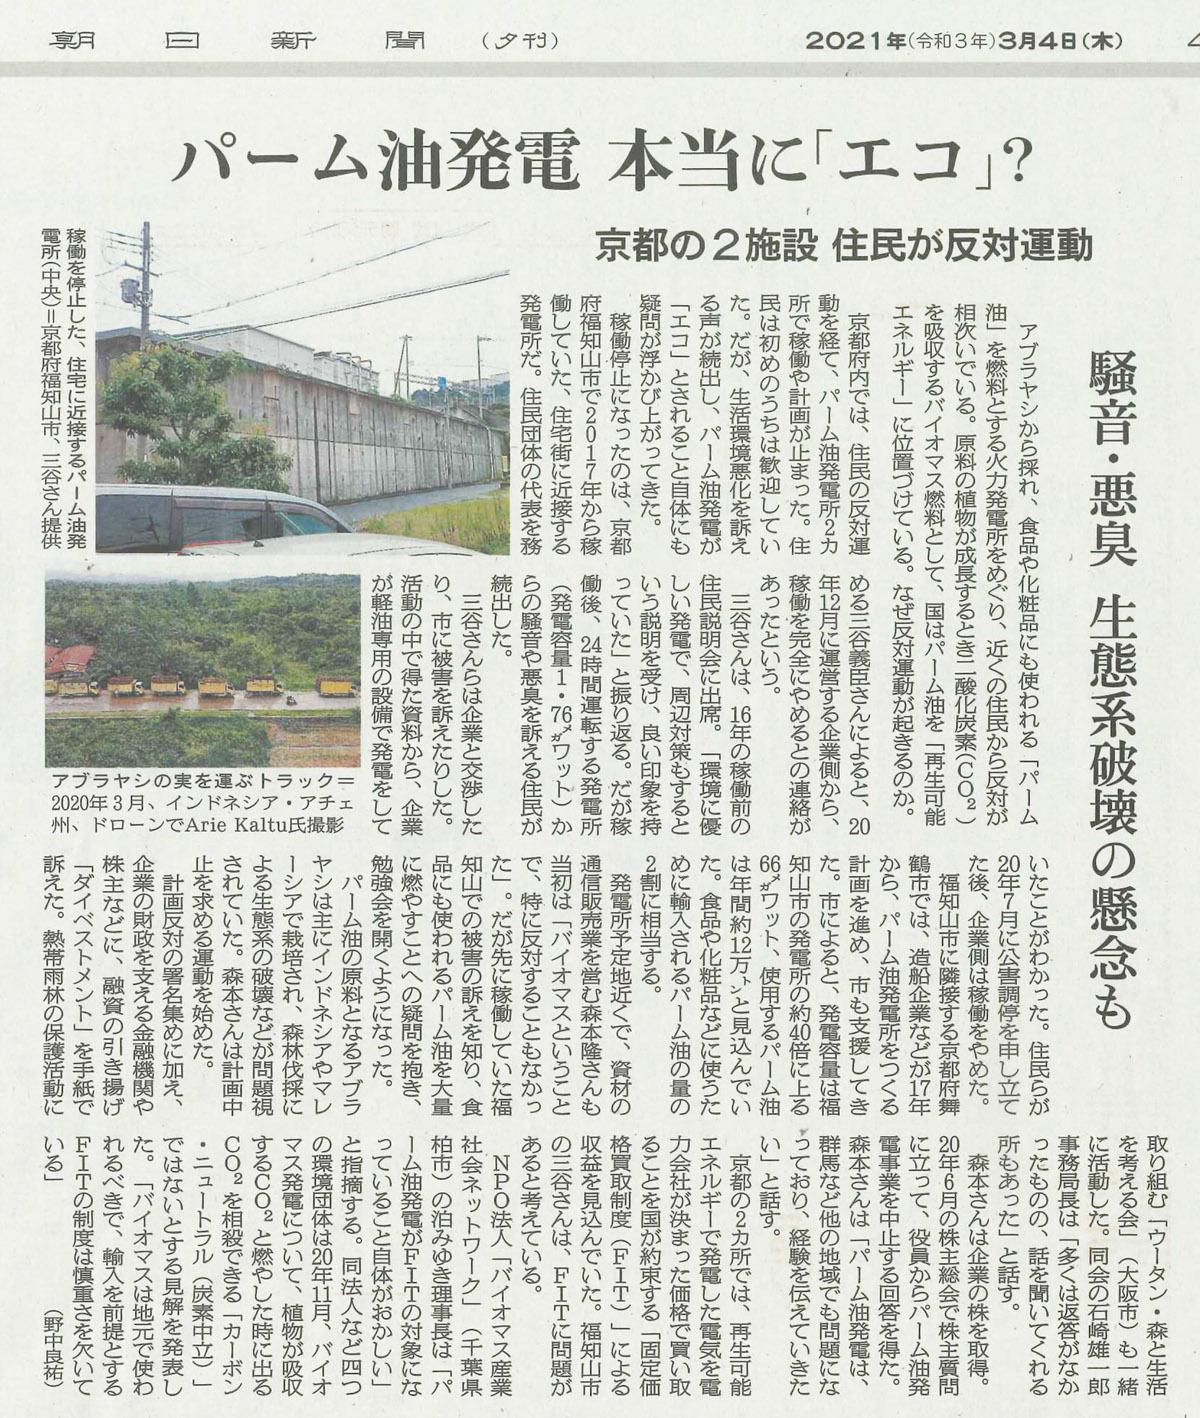 【自慢です】朝日新聞(夕刊)2021年3月4日(木)私達の活動、舞鶴と福知山のパーム油発電反対運動が朝日新聞に大きく取り上がられました。夕刊とはいいいましても全国版ですので自慢させてください!